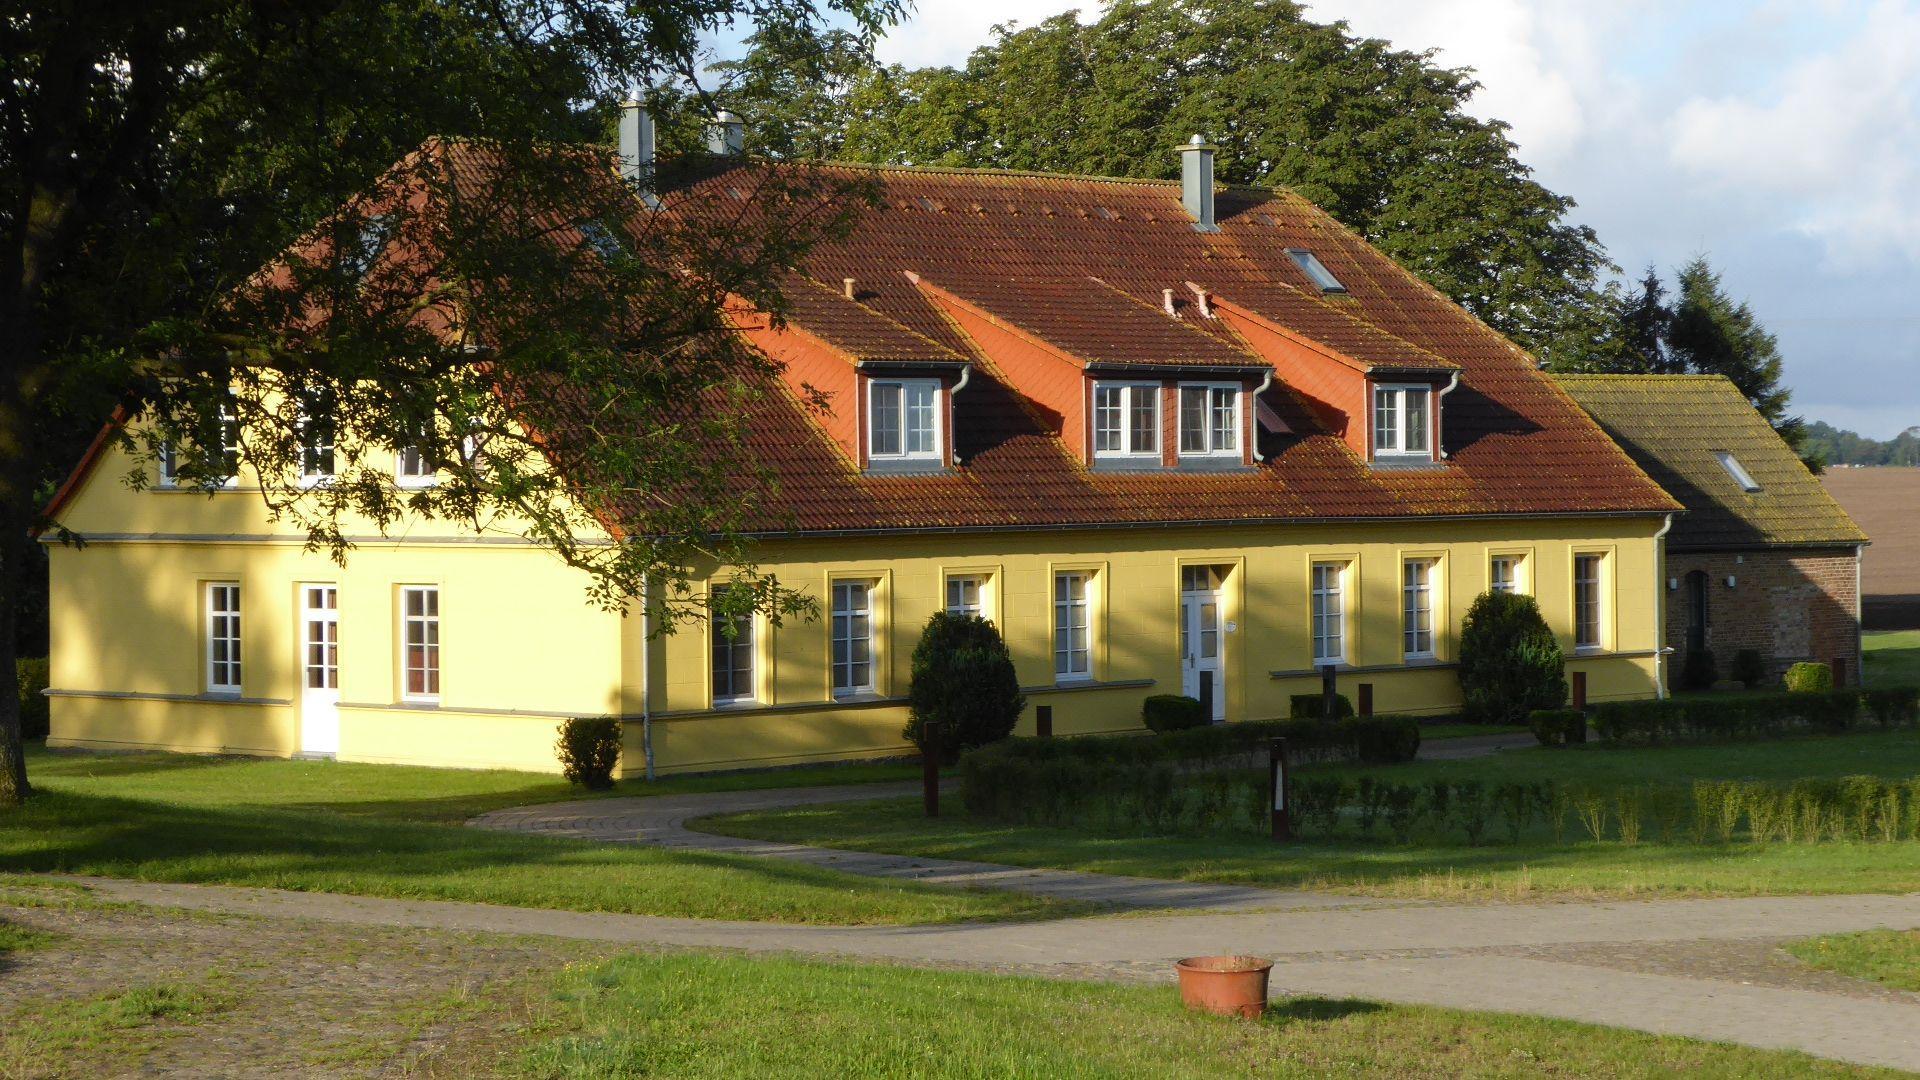 Ferienwohnung für 4 Personen ca. 86 m² i Besondere Immobilie auf Rügen